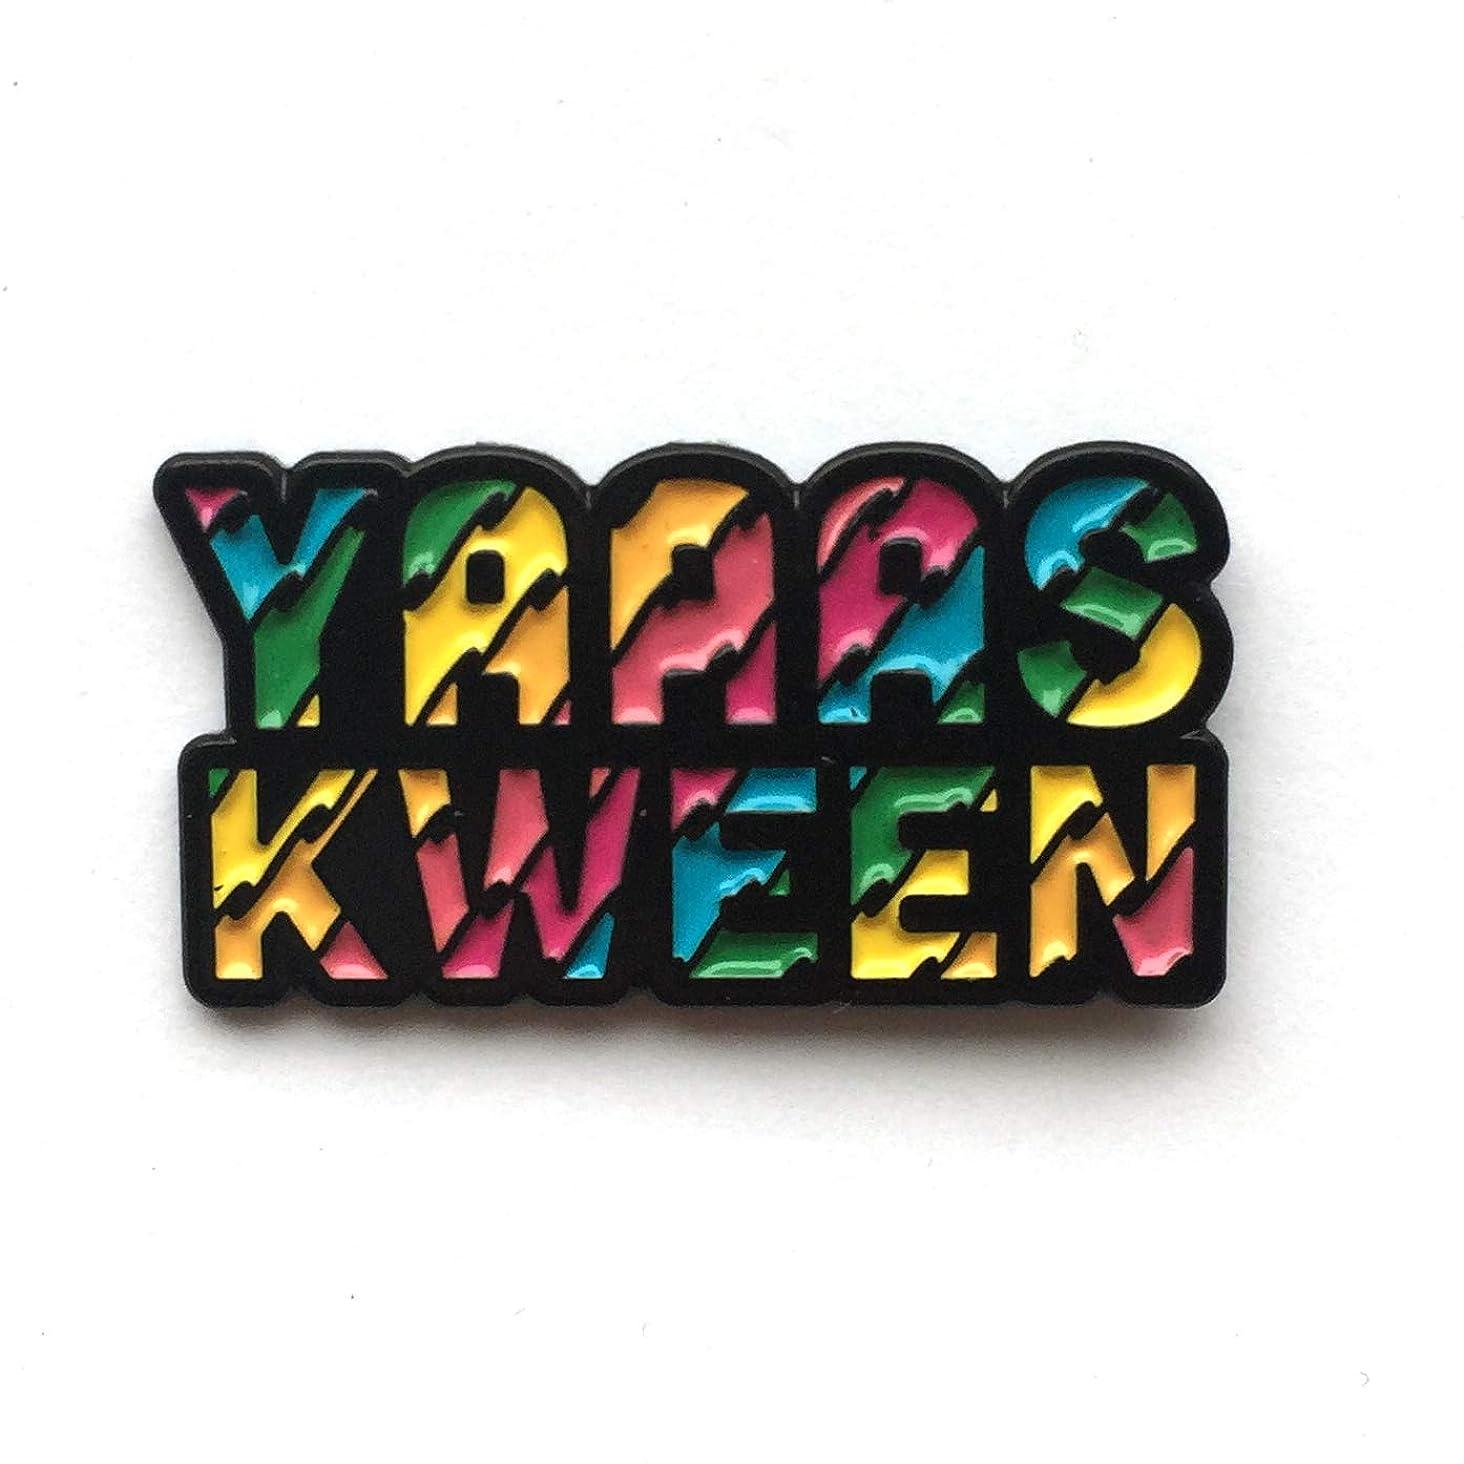 YAAAS KWEEN - 1